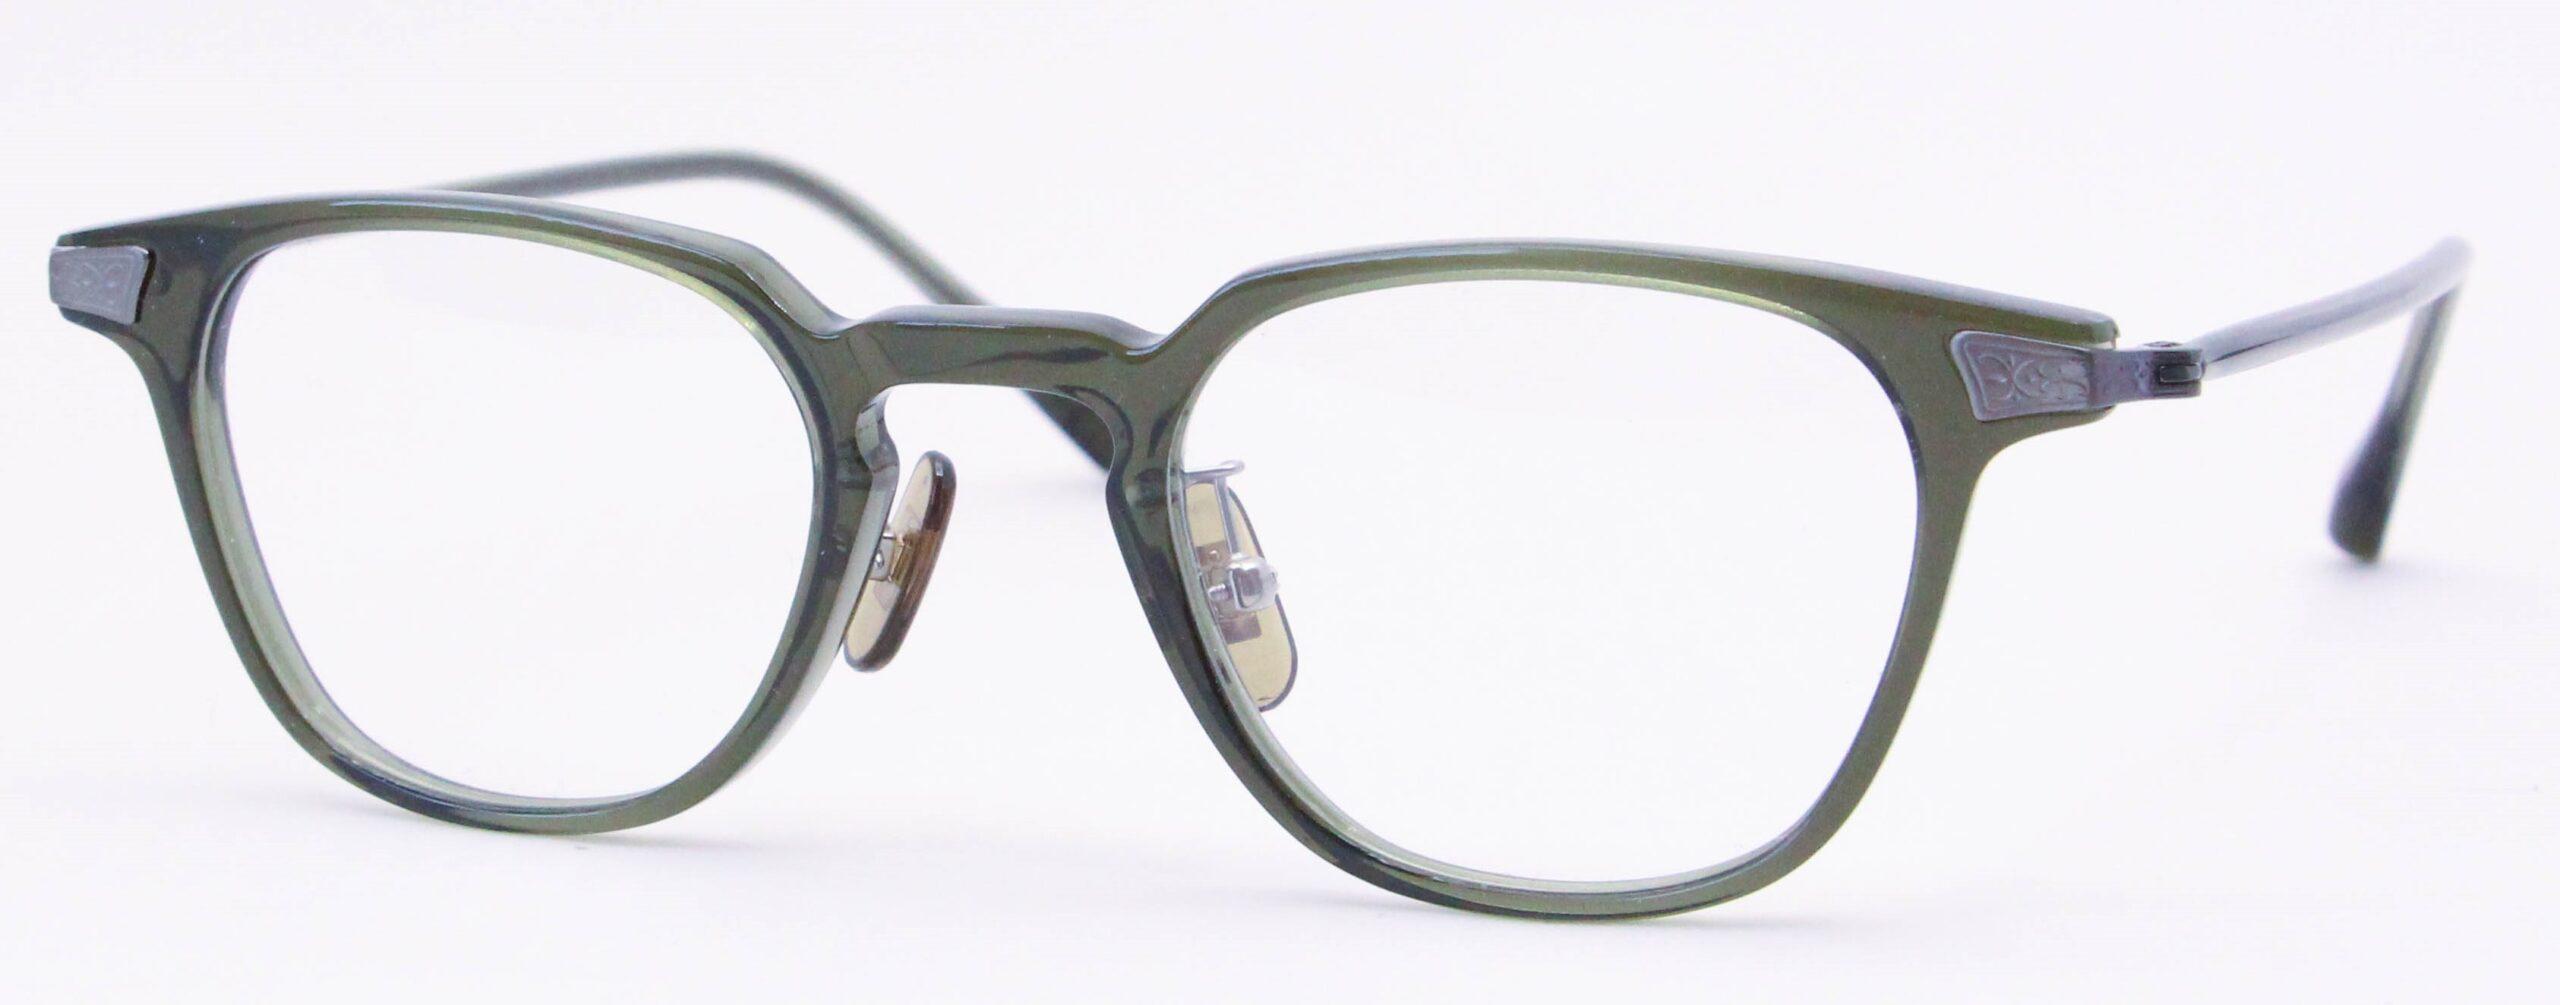 眼鏡のカラータイプC-5 Green/Gray